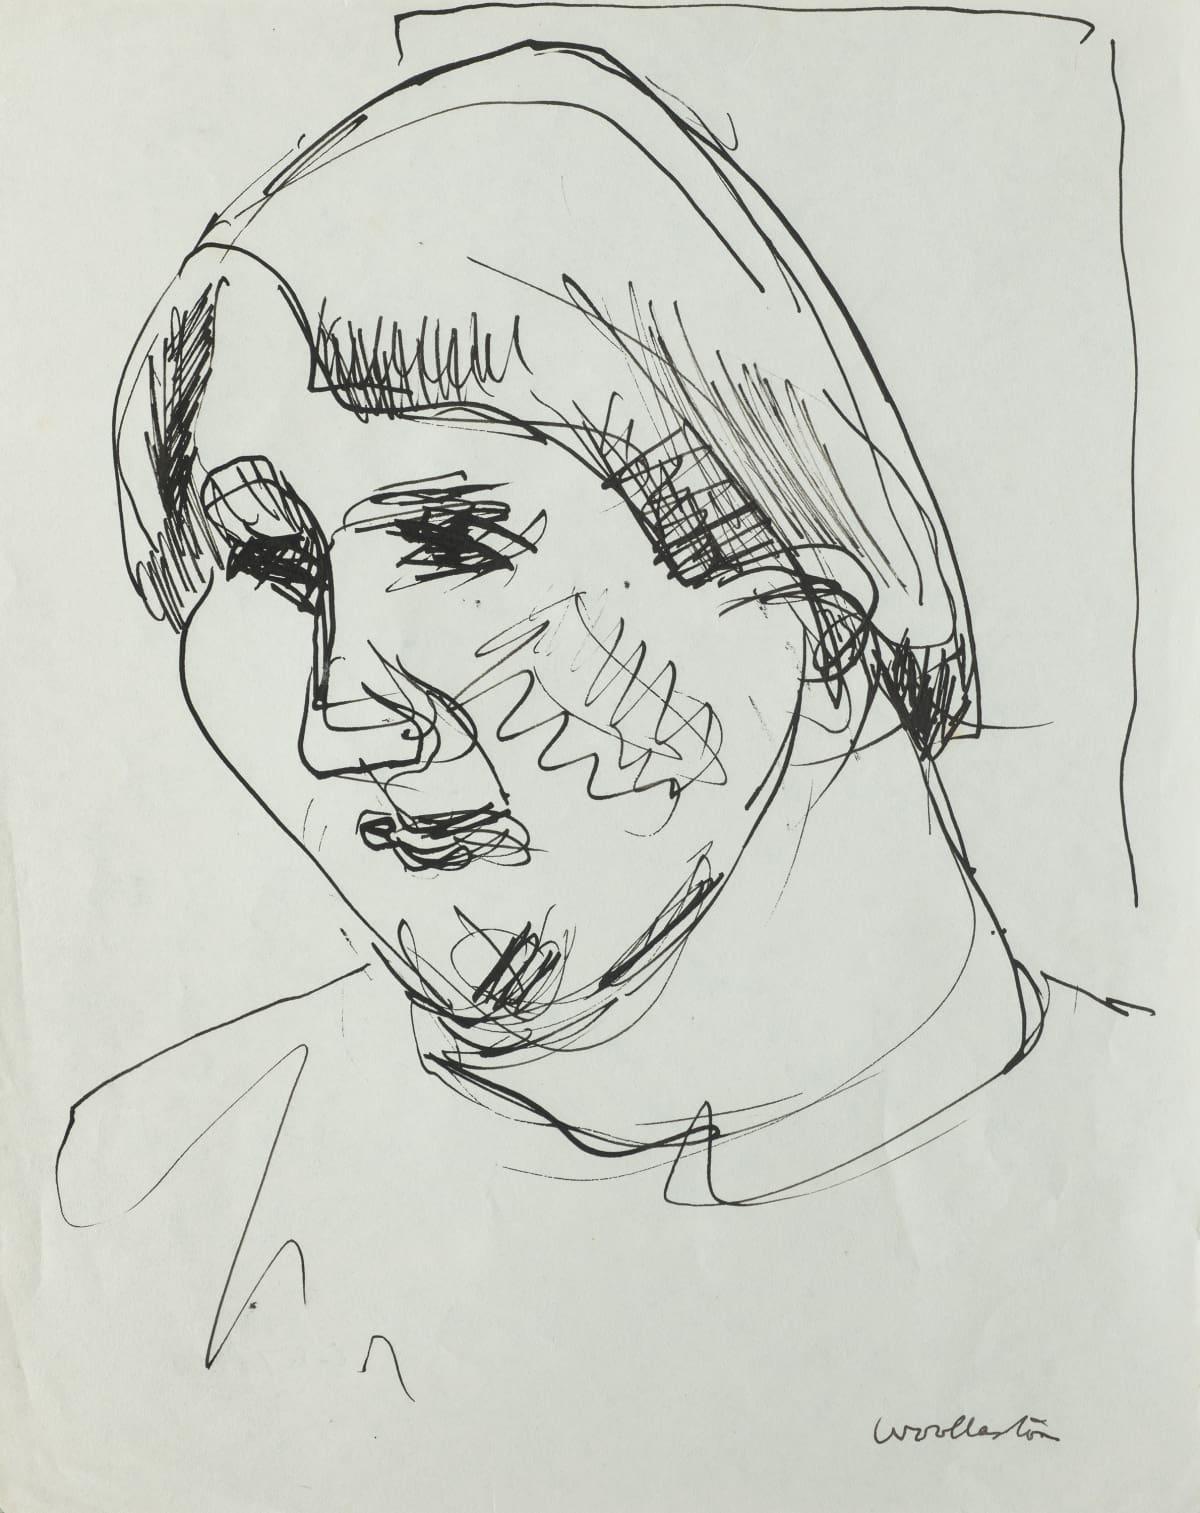 Mountford Tosswill Woollaston Jenny Sligo, c1956 pen and ink on paper 265mm x 210mm